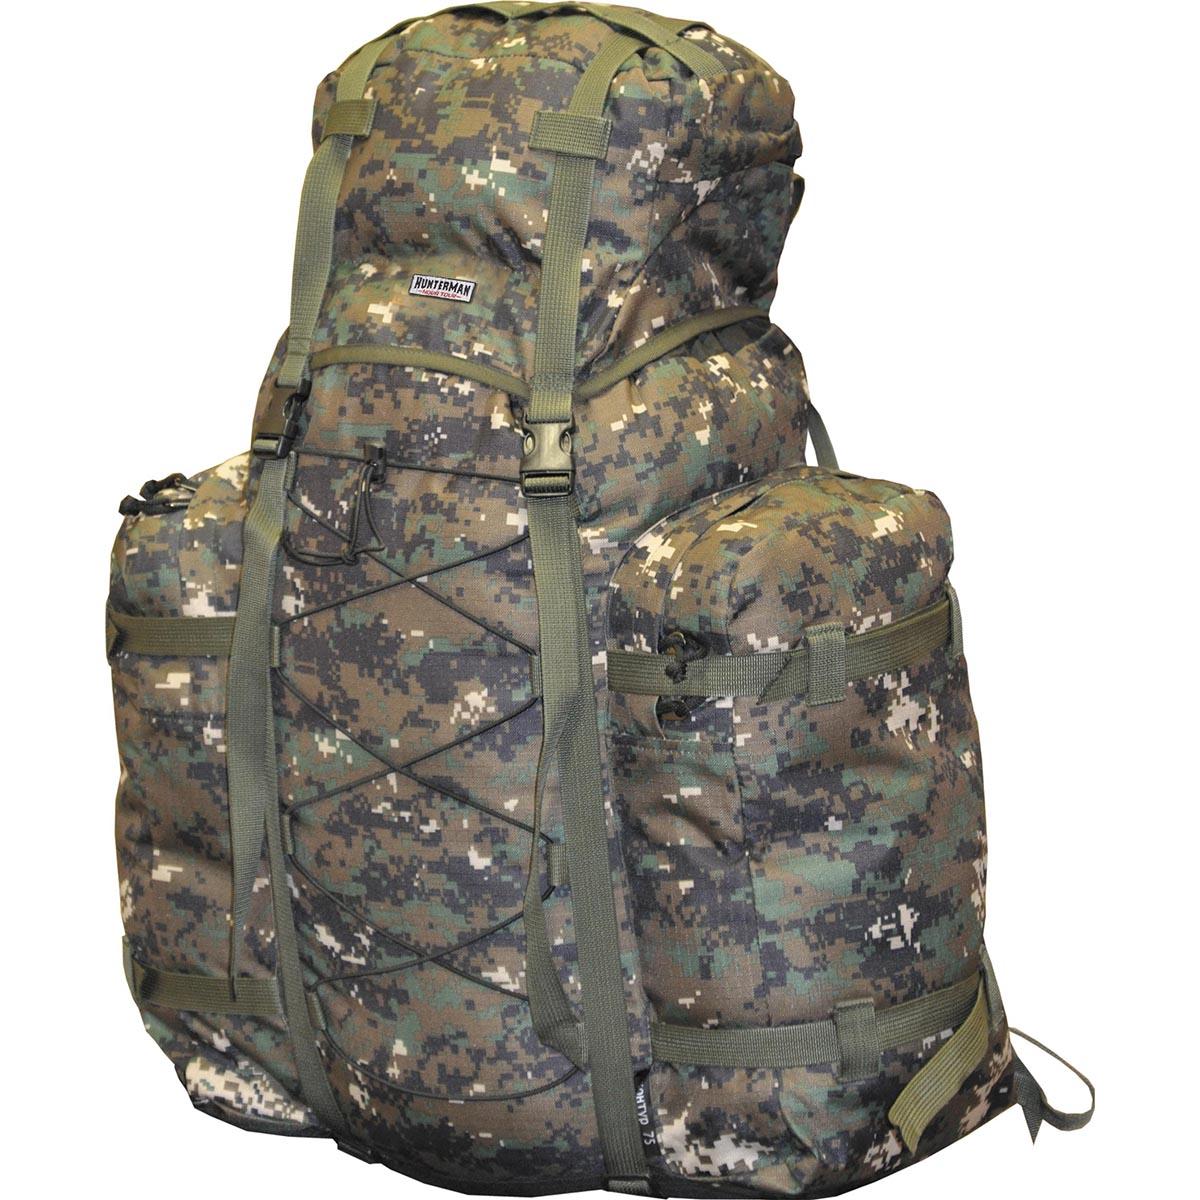 Рюкзак для охоты HUNTERMAN nova tour Контур 75 V3 км, цвет: диджитал зеленый, 100л95817-608-00Легкий, компактный рюкзак для охоты и рыбалки. Находка для любителей активного отдыха на природе! Стильный, вместительный, удобный в эксплуатации! Надежный помощник при переноске необходимого снаряжения для рыбной ловли и охоты. Вертикальная смягчающая вставка добавляет жесткости спинке рюкзака, в плавающем клапане карман для мелочей, съемная поясная стропа.; Ткань Poly Oxford 300D Ripstop Вес (кг) 1,1 Объем (л) 75 Высота-ширина-глубина, см